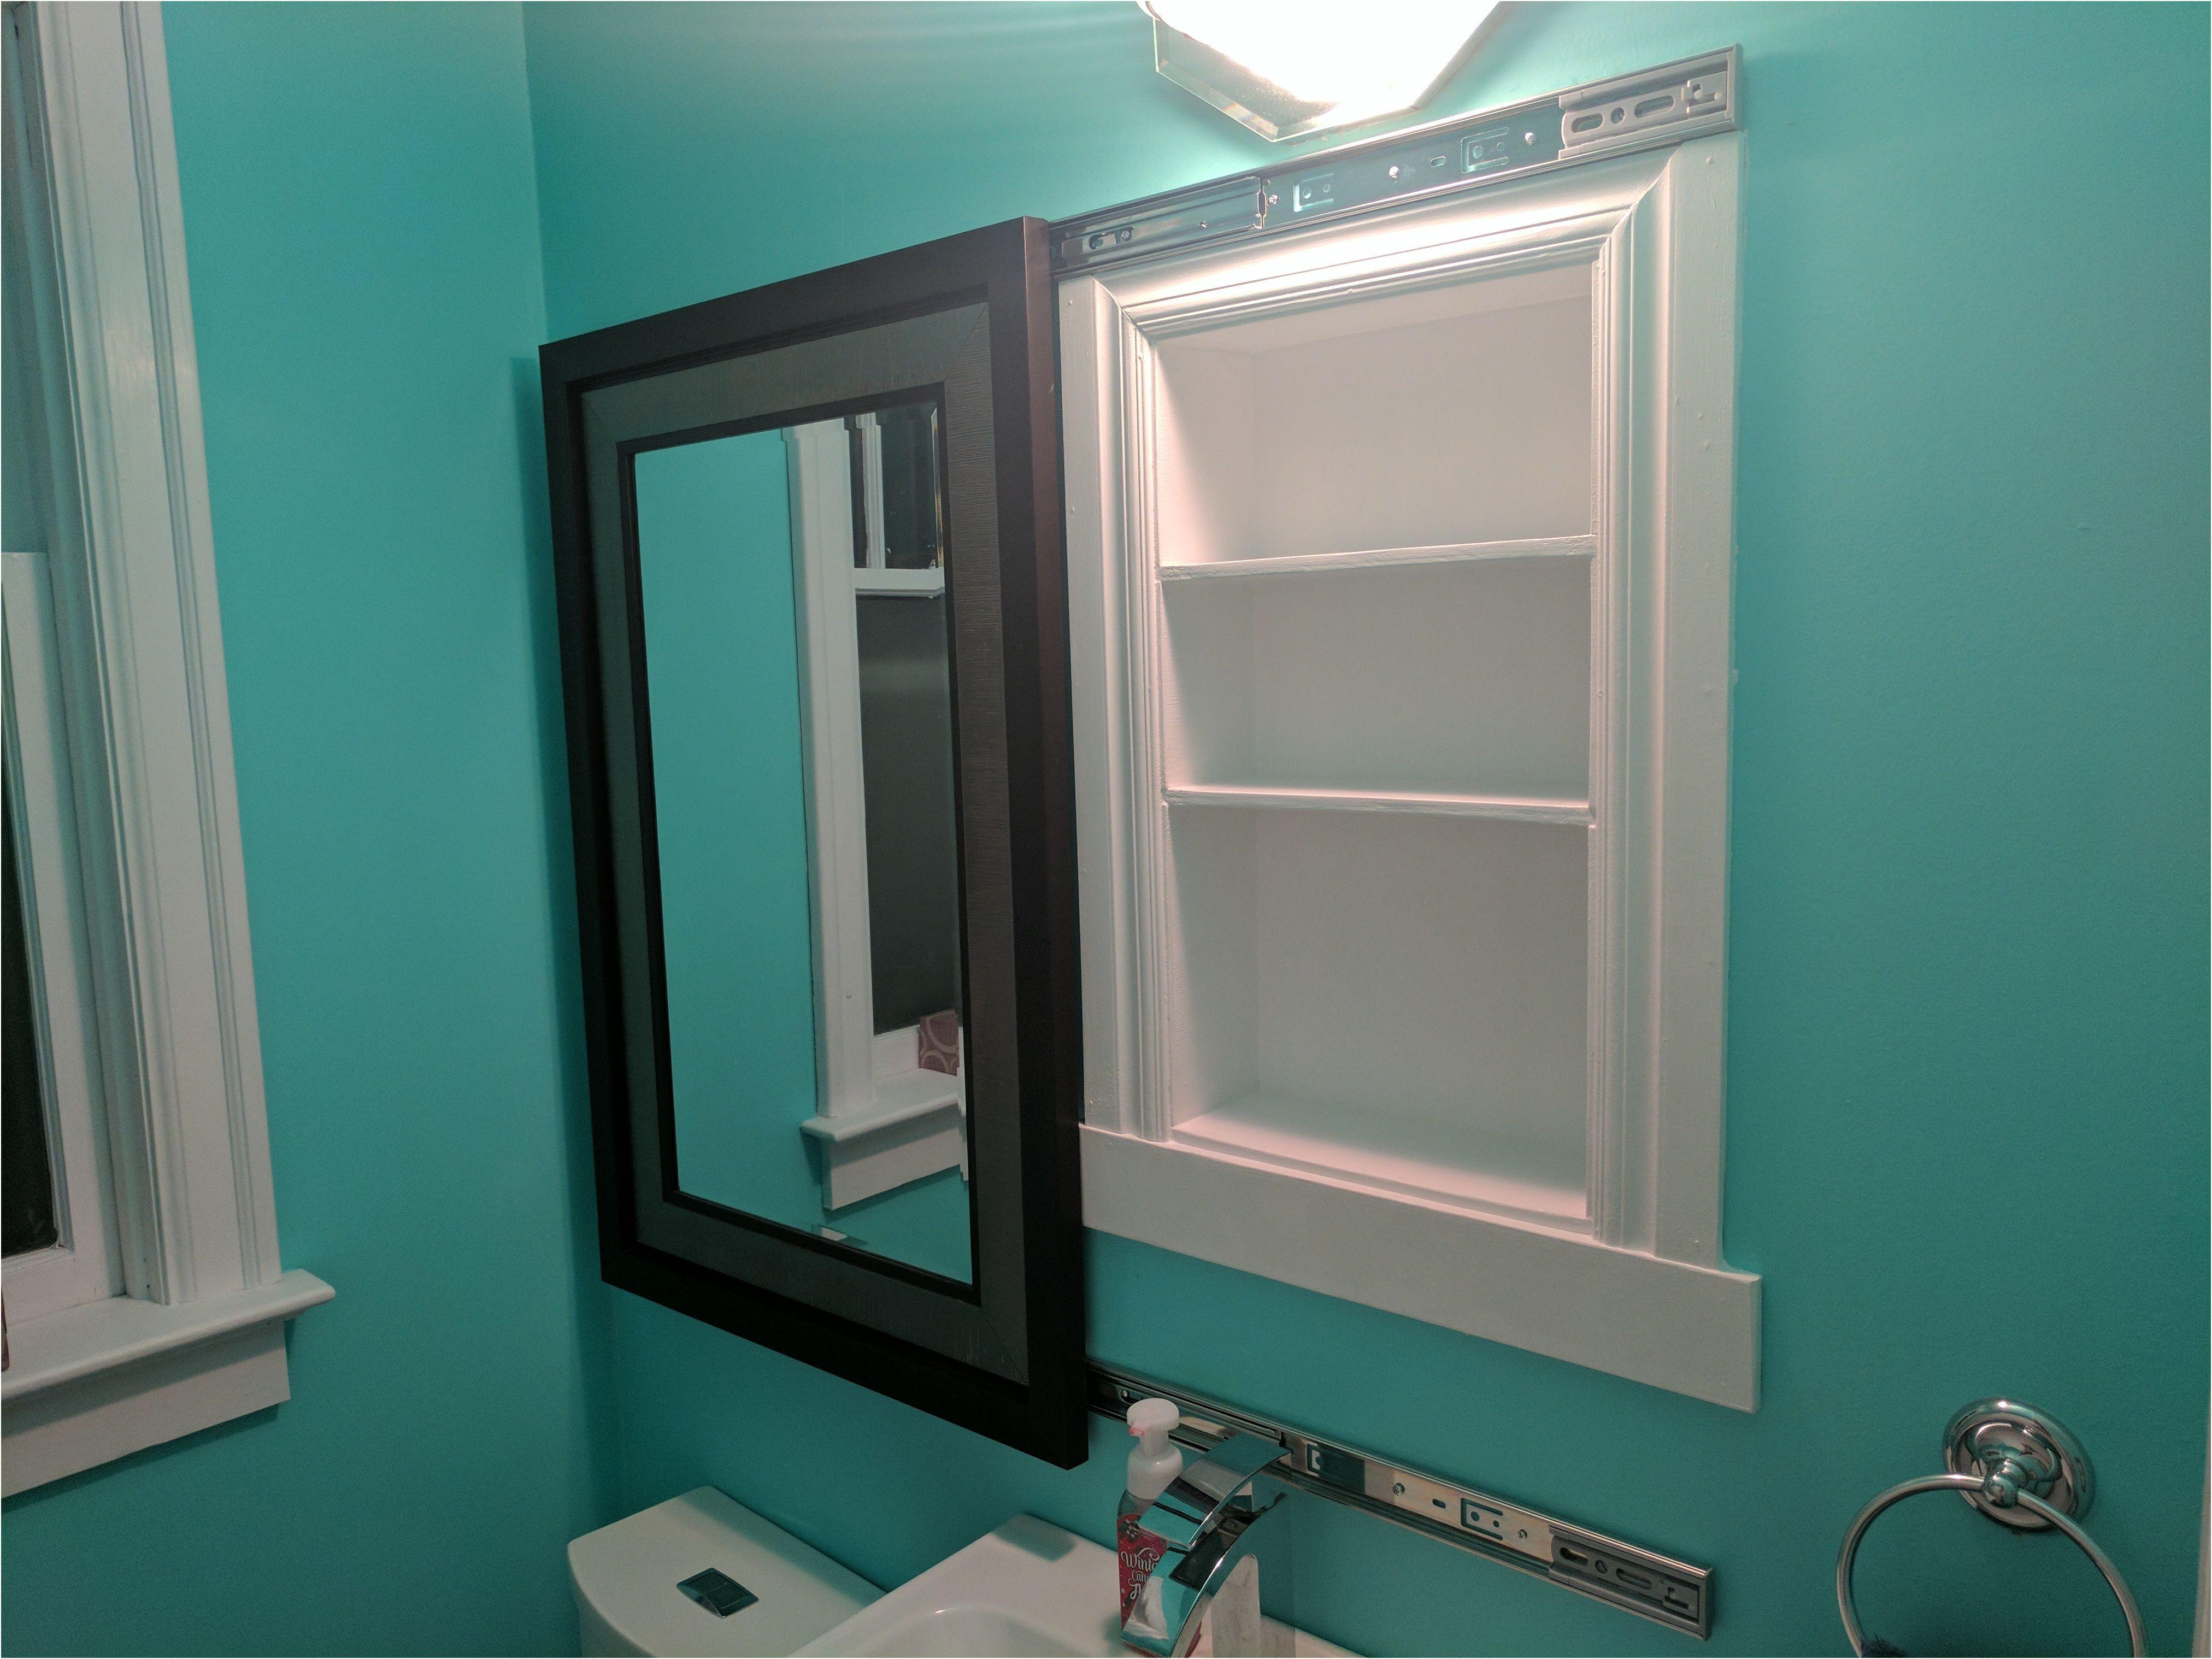 Luxury 4 Door Mirrored Bathroom Cabinet